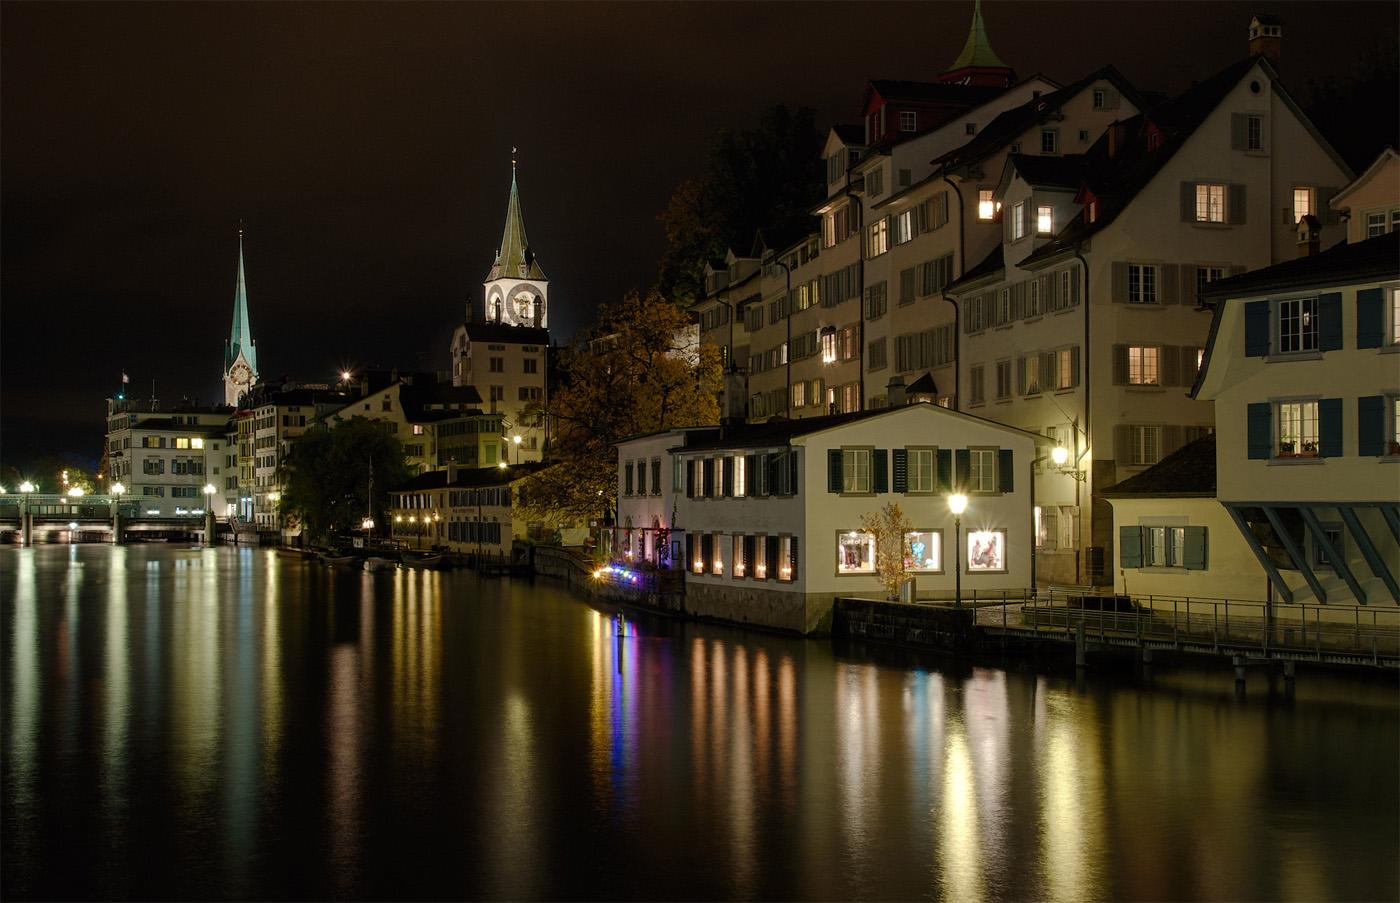 Zürich by night - Schipfe